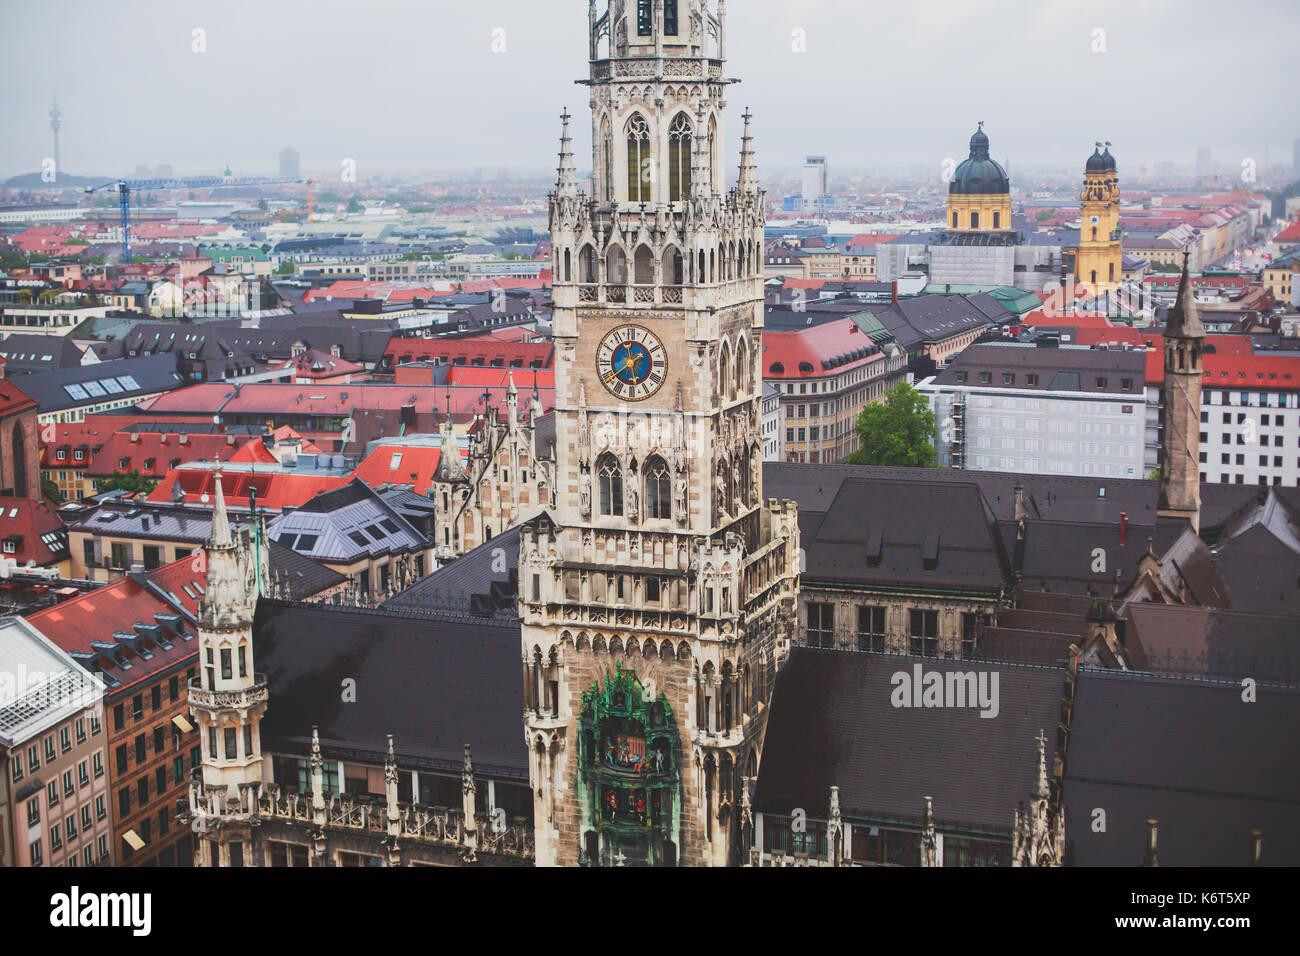 Belle ensoleillée très grand angle vue aérienne de Munich, Bayern, germany avec skyline et le paysage au-delà de la ville, vu de l'observation d Photo Stock